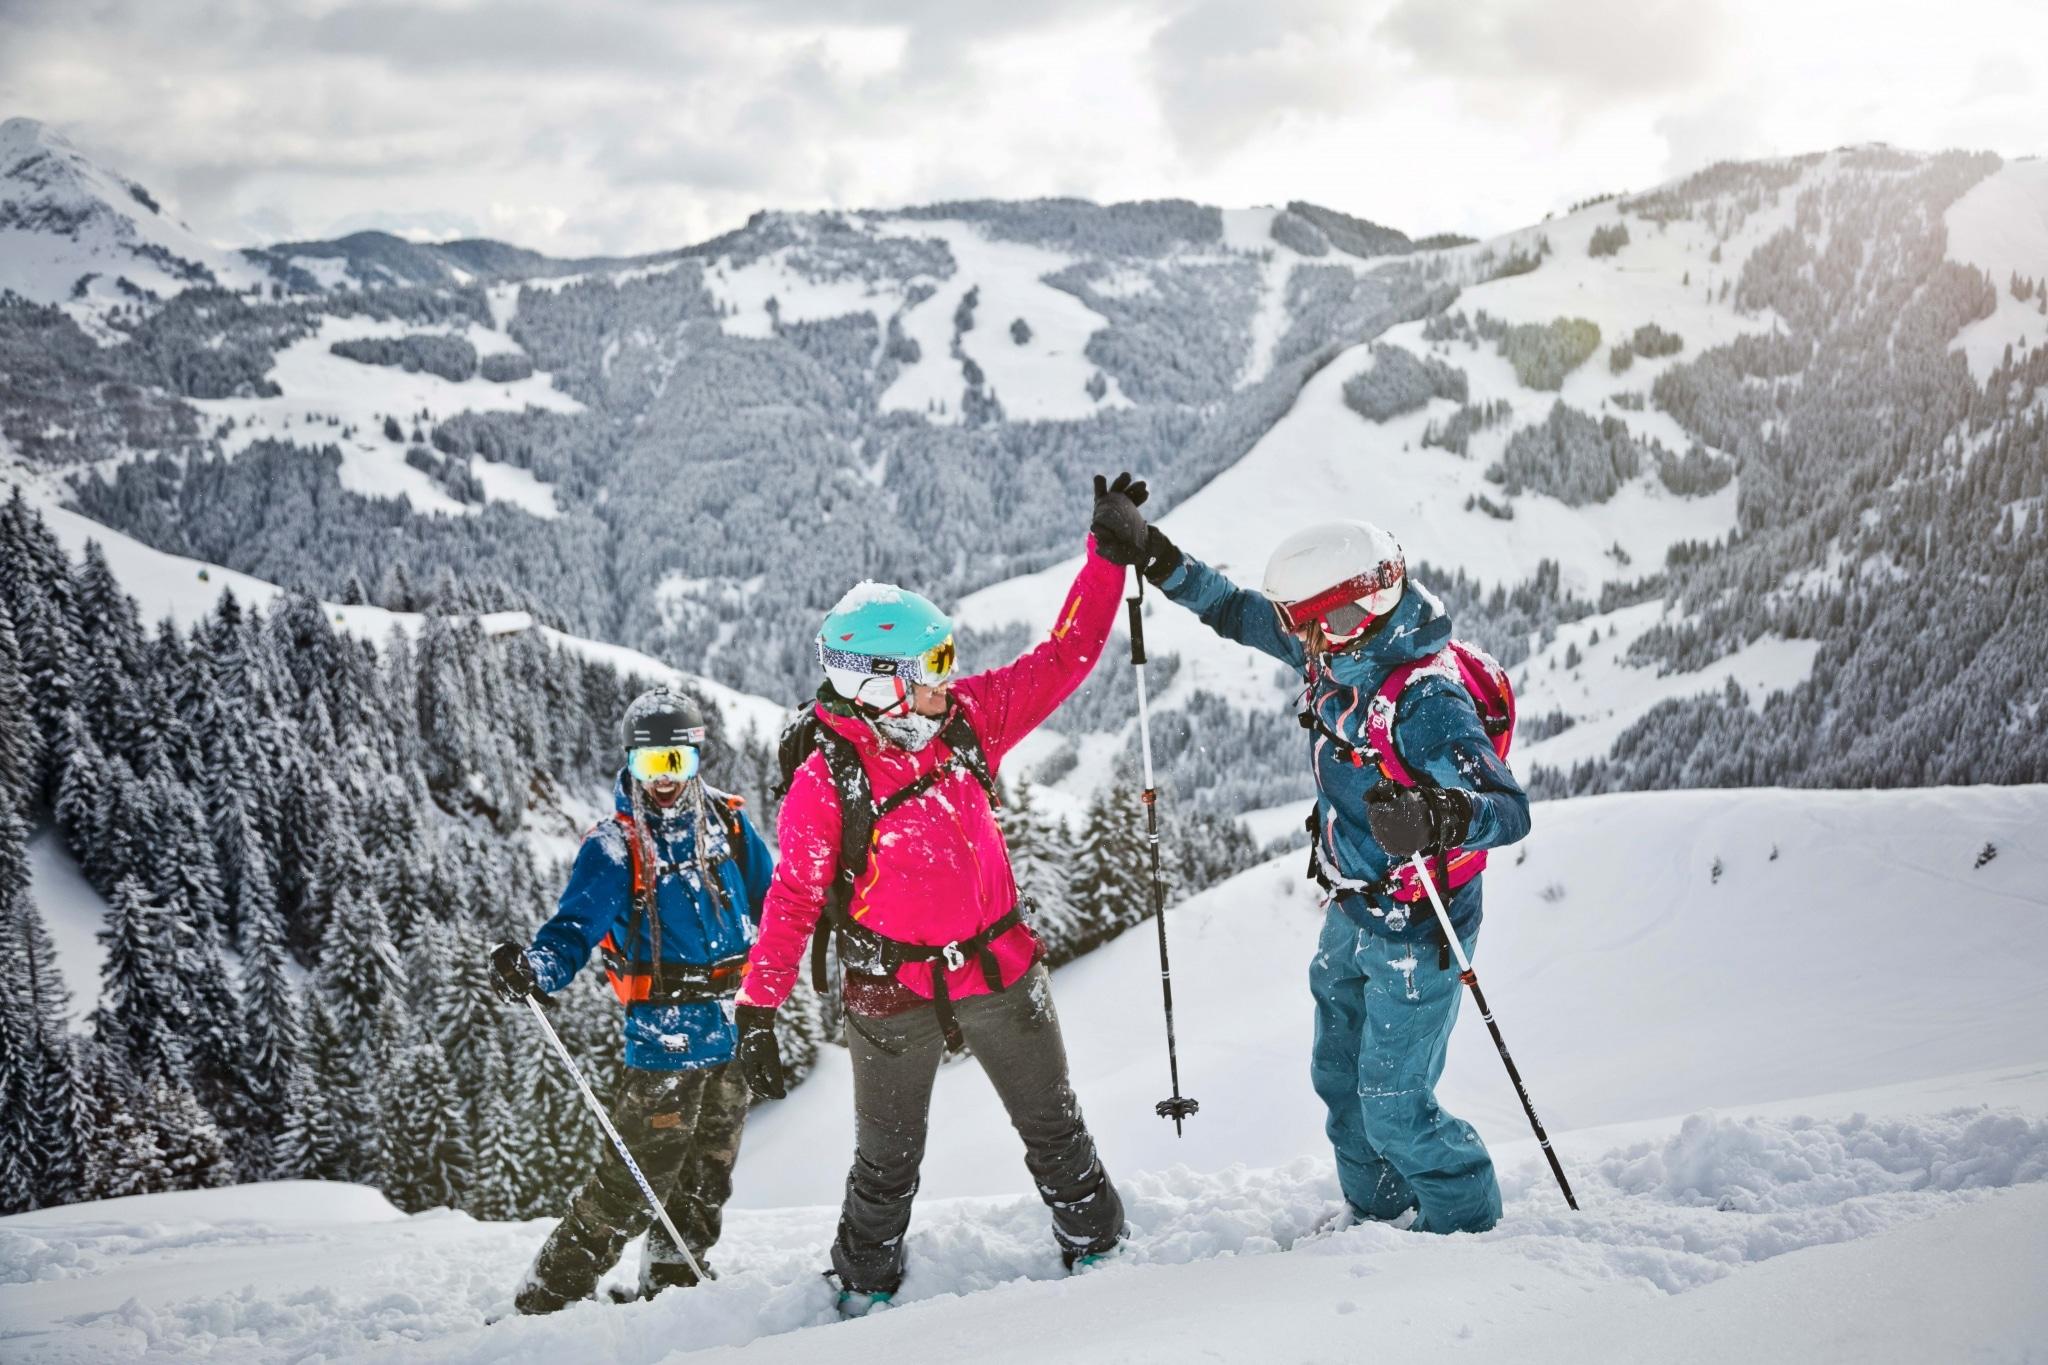 Skitourengeher geben sich High-Five